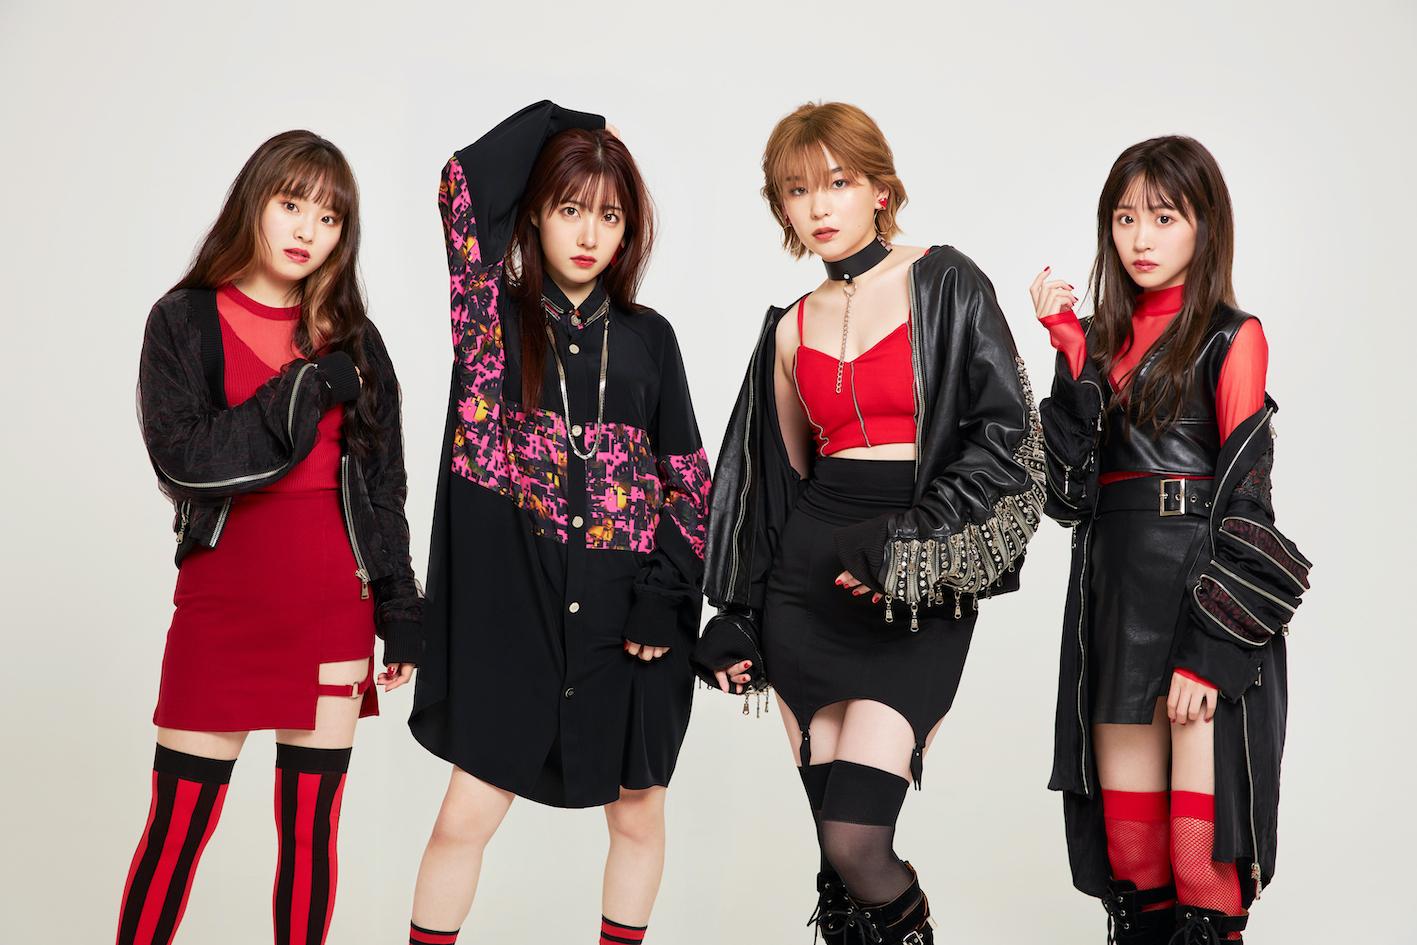 「BlooDye」新アー写(写真 左→右)一岡杏奈、礒部花凜、高槻かなこ、櫻井優衣